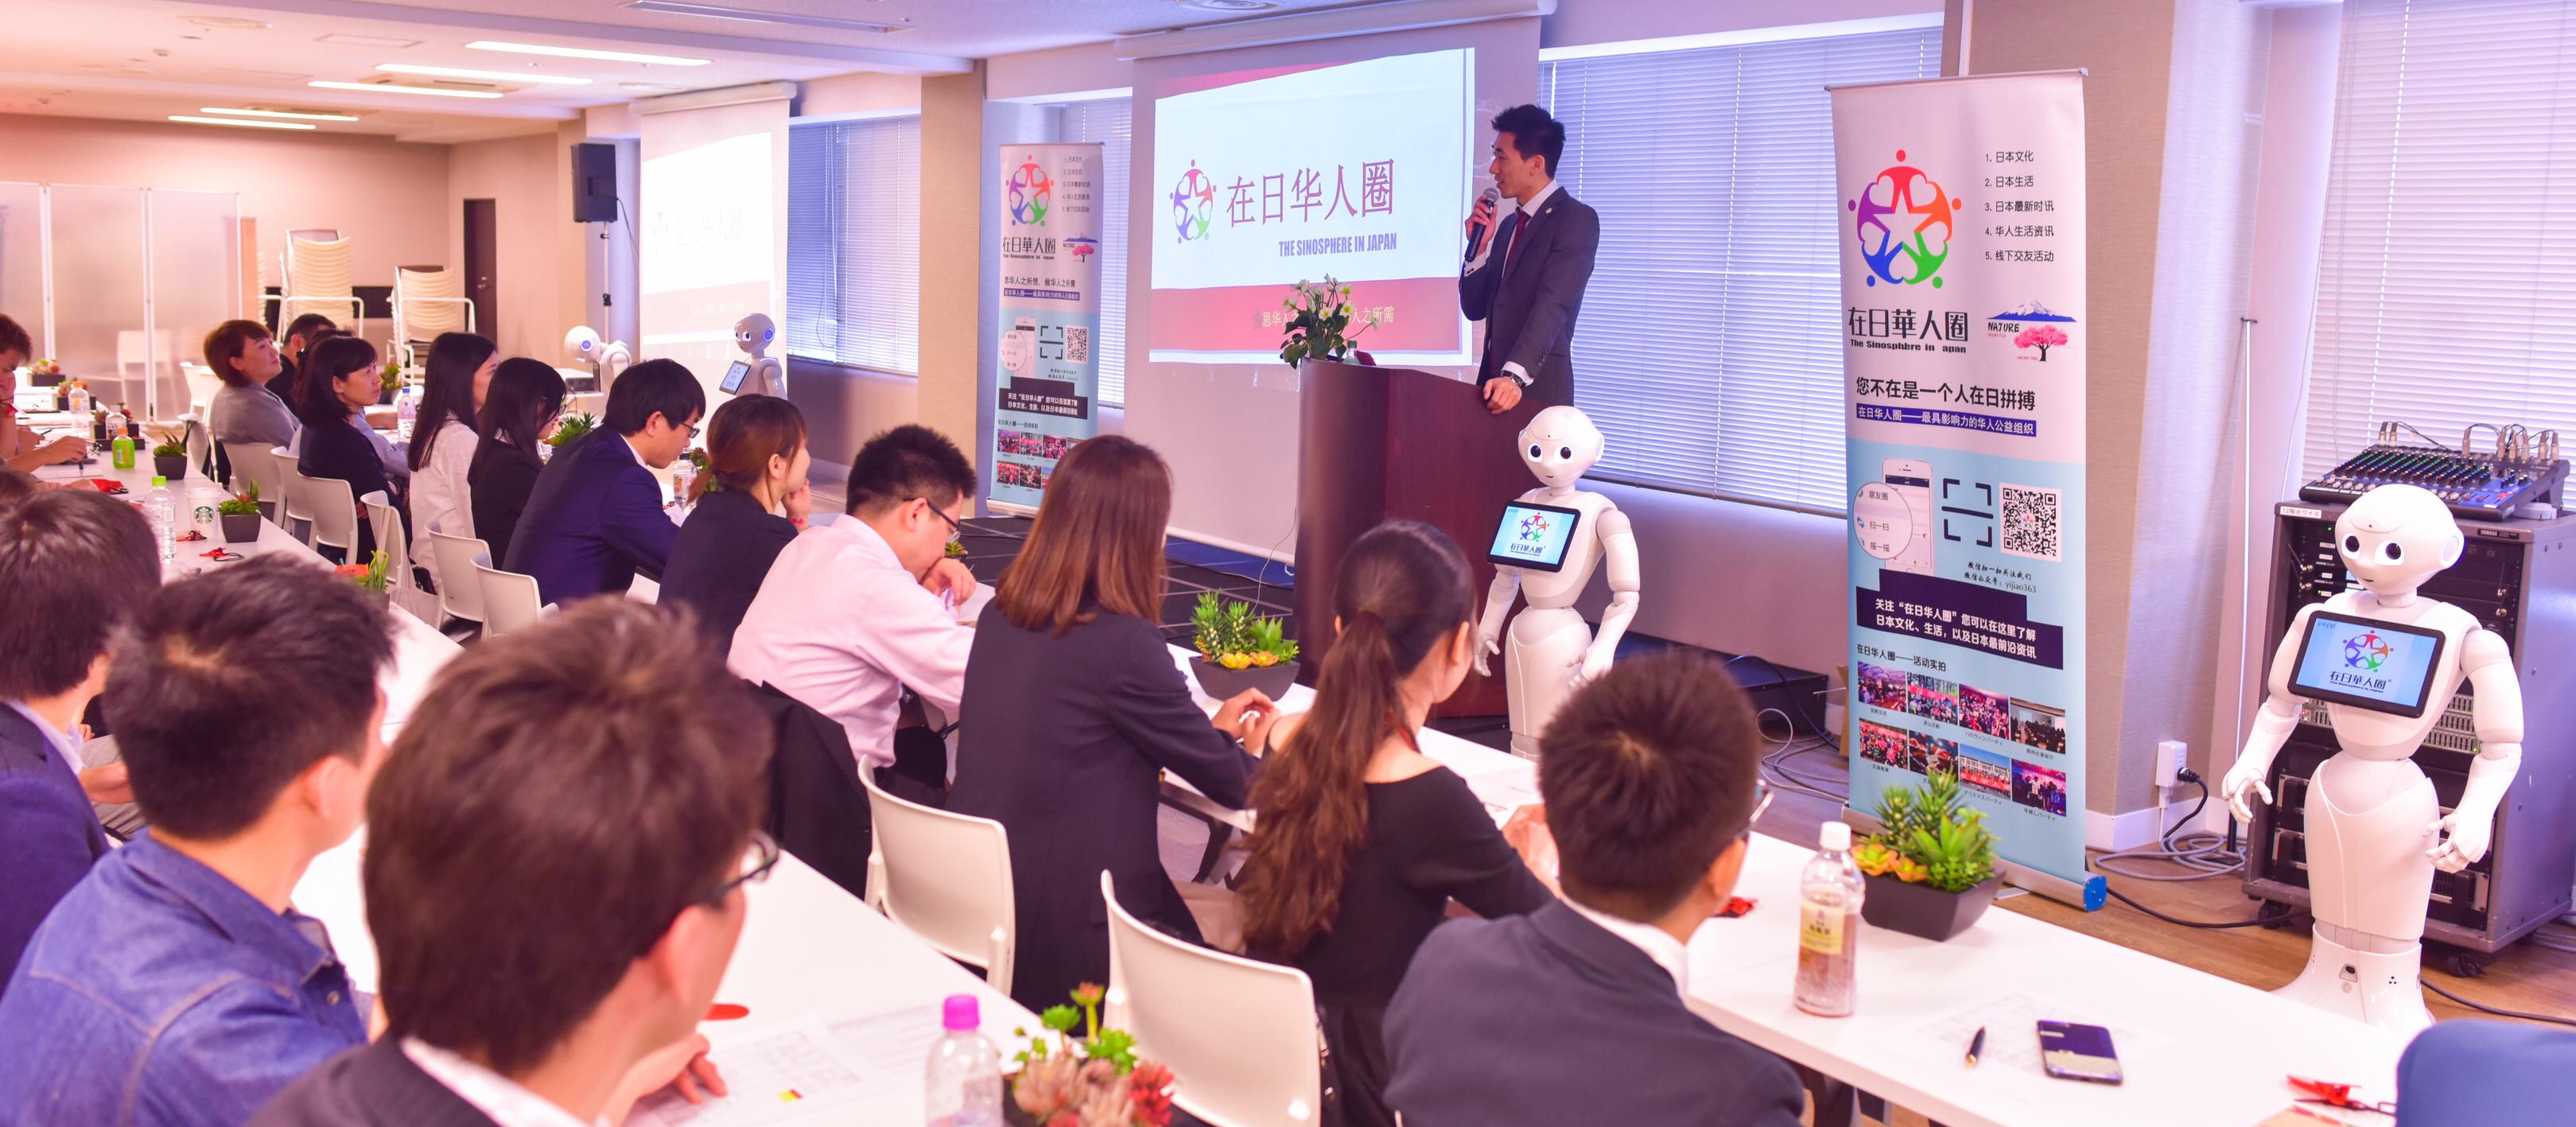 外国人が日本を第二の故郷と思える社会の実現